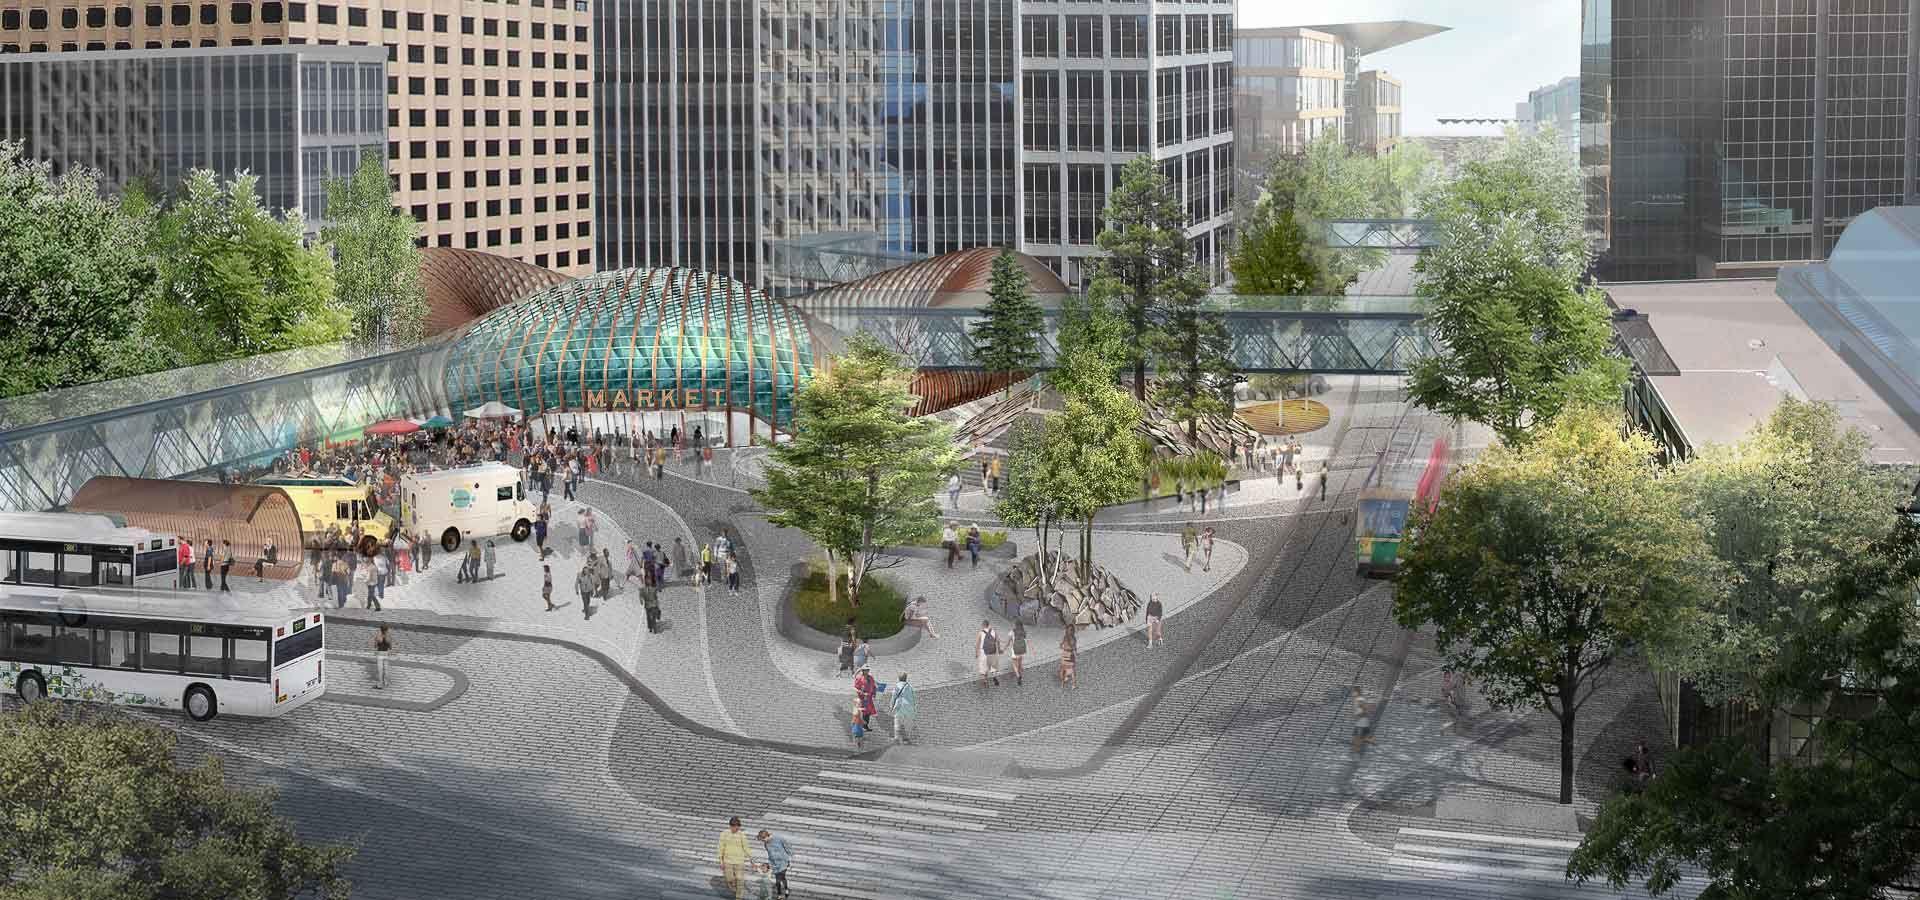 Design Landscape Architecture Planning